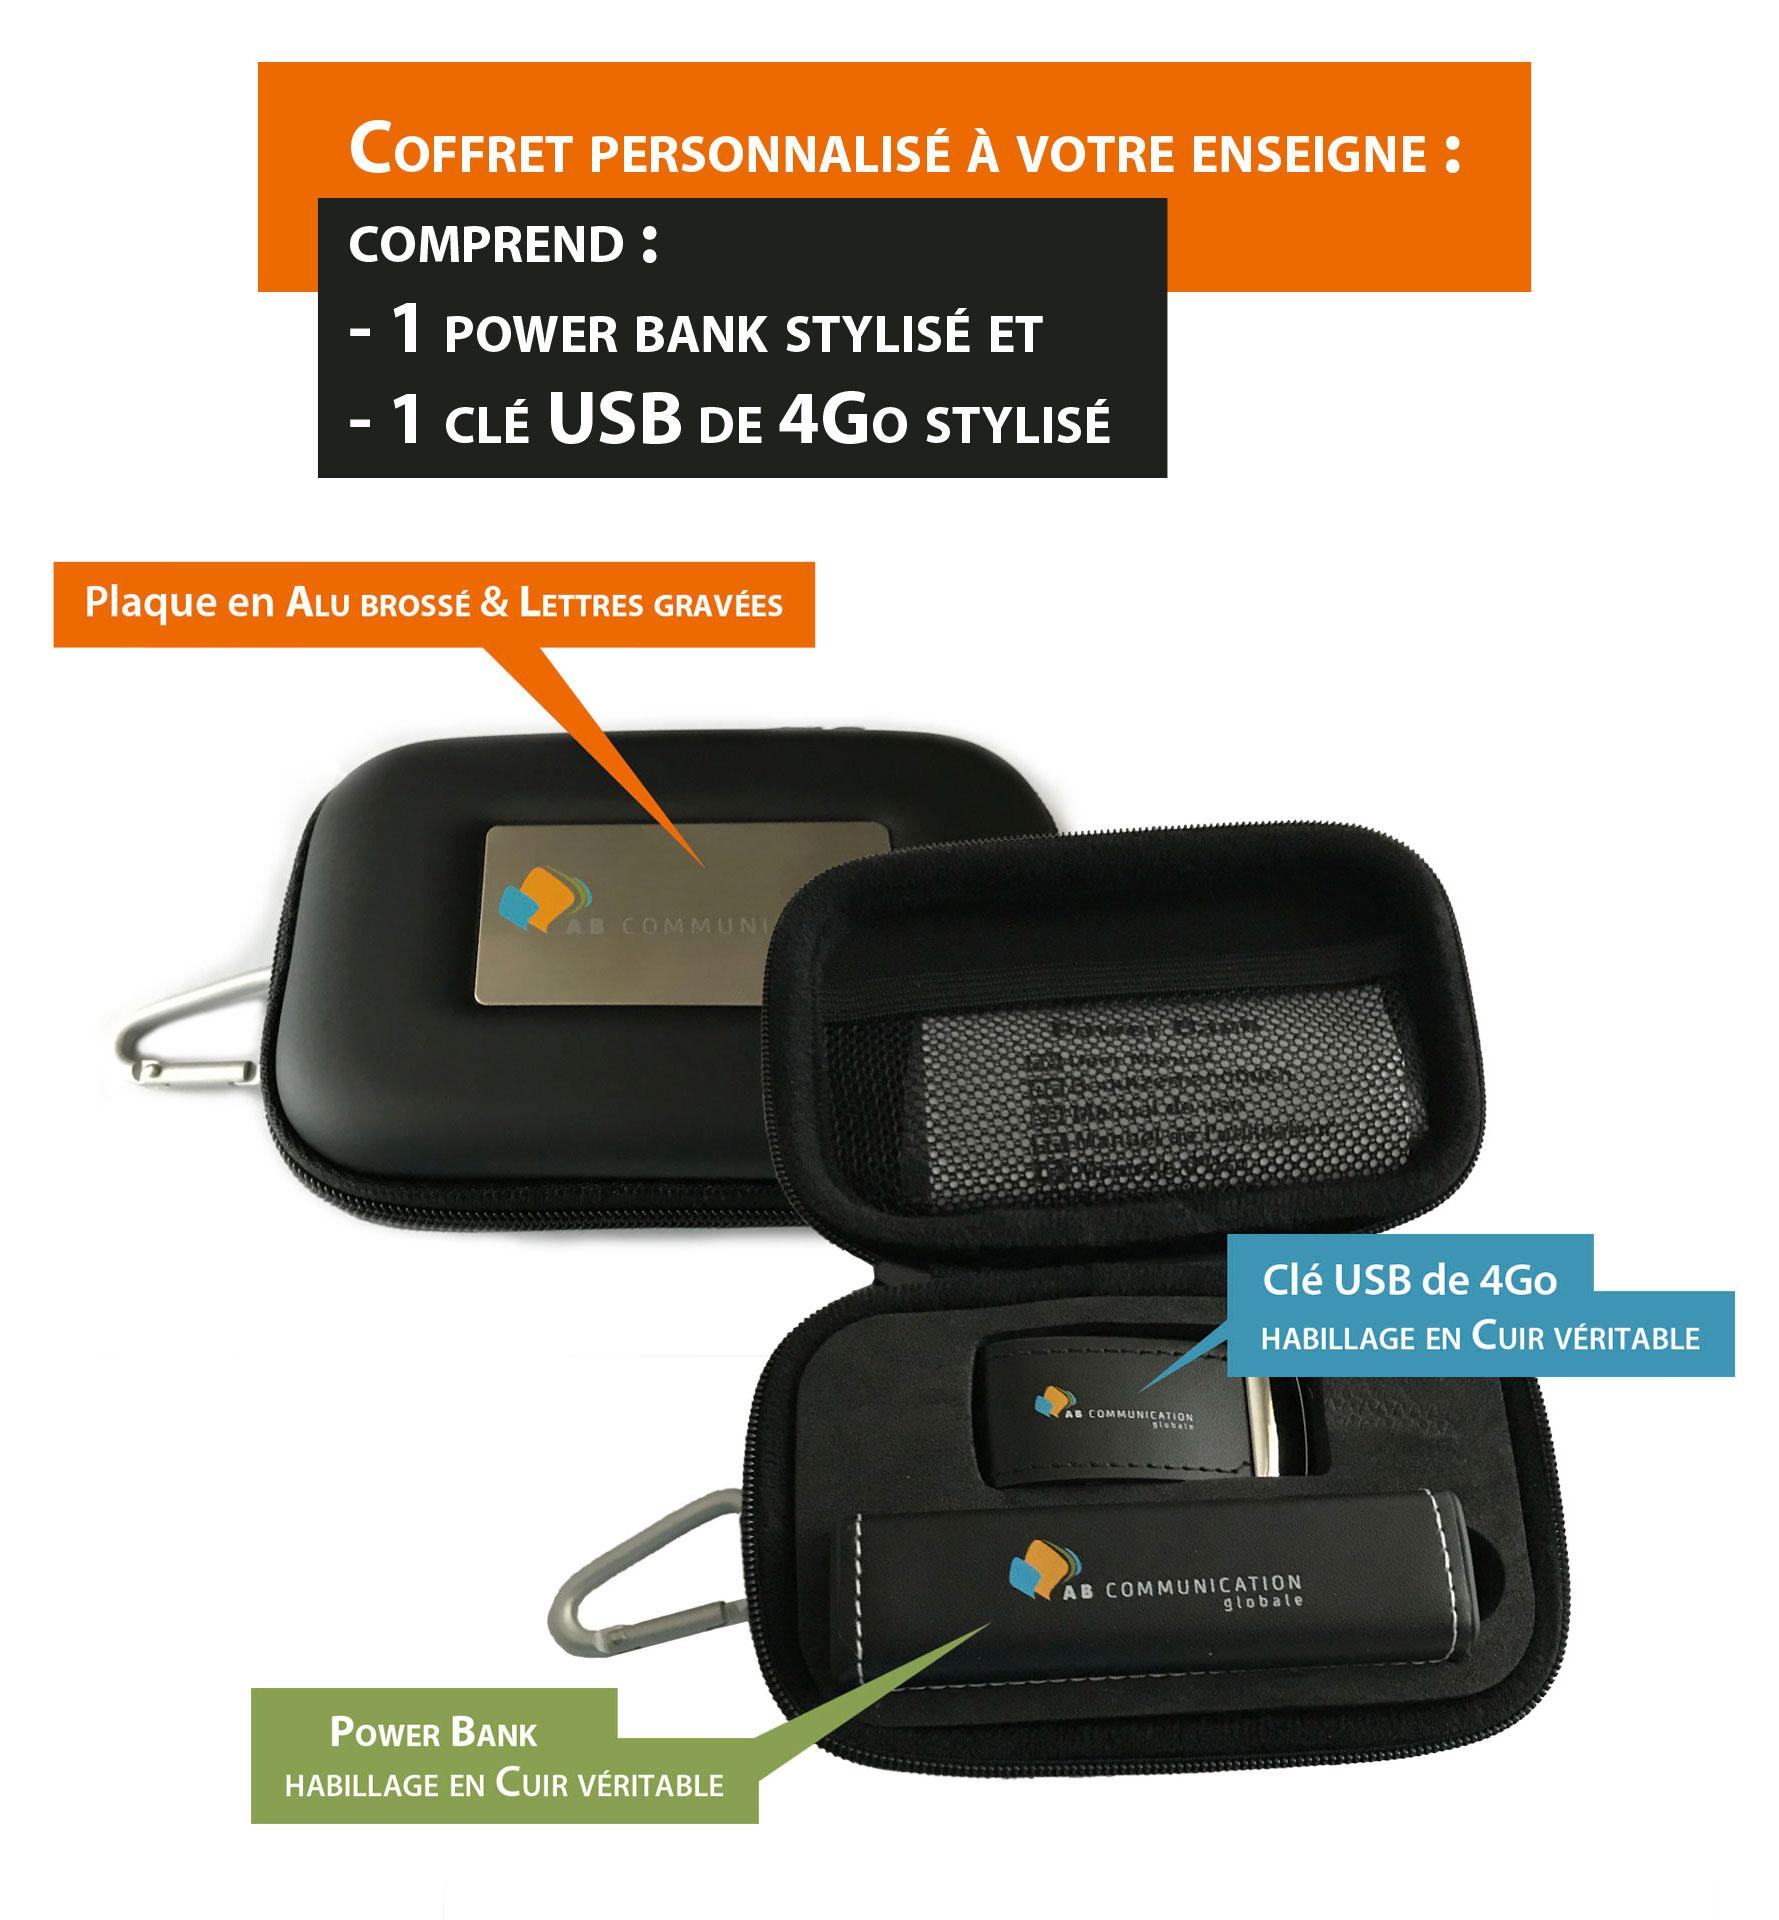 Coffret comprenant 1 POWER BANK et 1 clé USB 4Go, entièrement stylisé à votre enseigne et avec habillage en cuir